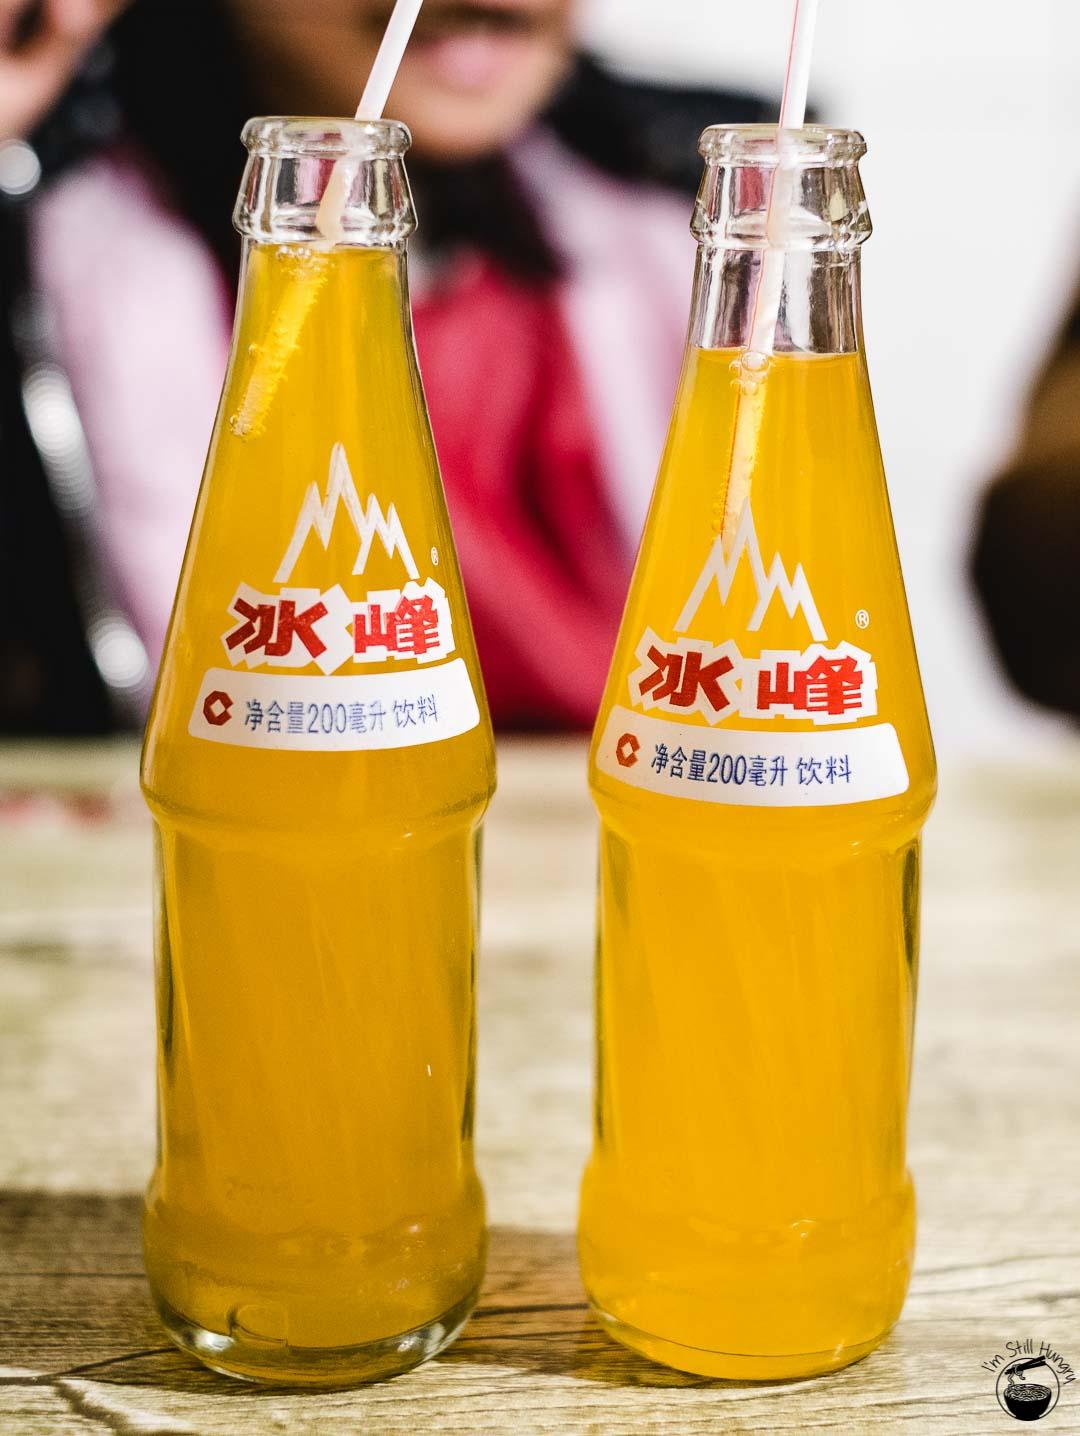 冰峰 (bing feng) Hui Min Jie Xi'an Muslim Street Food